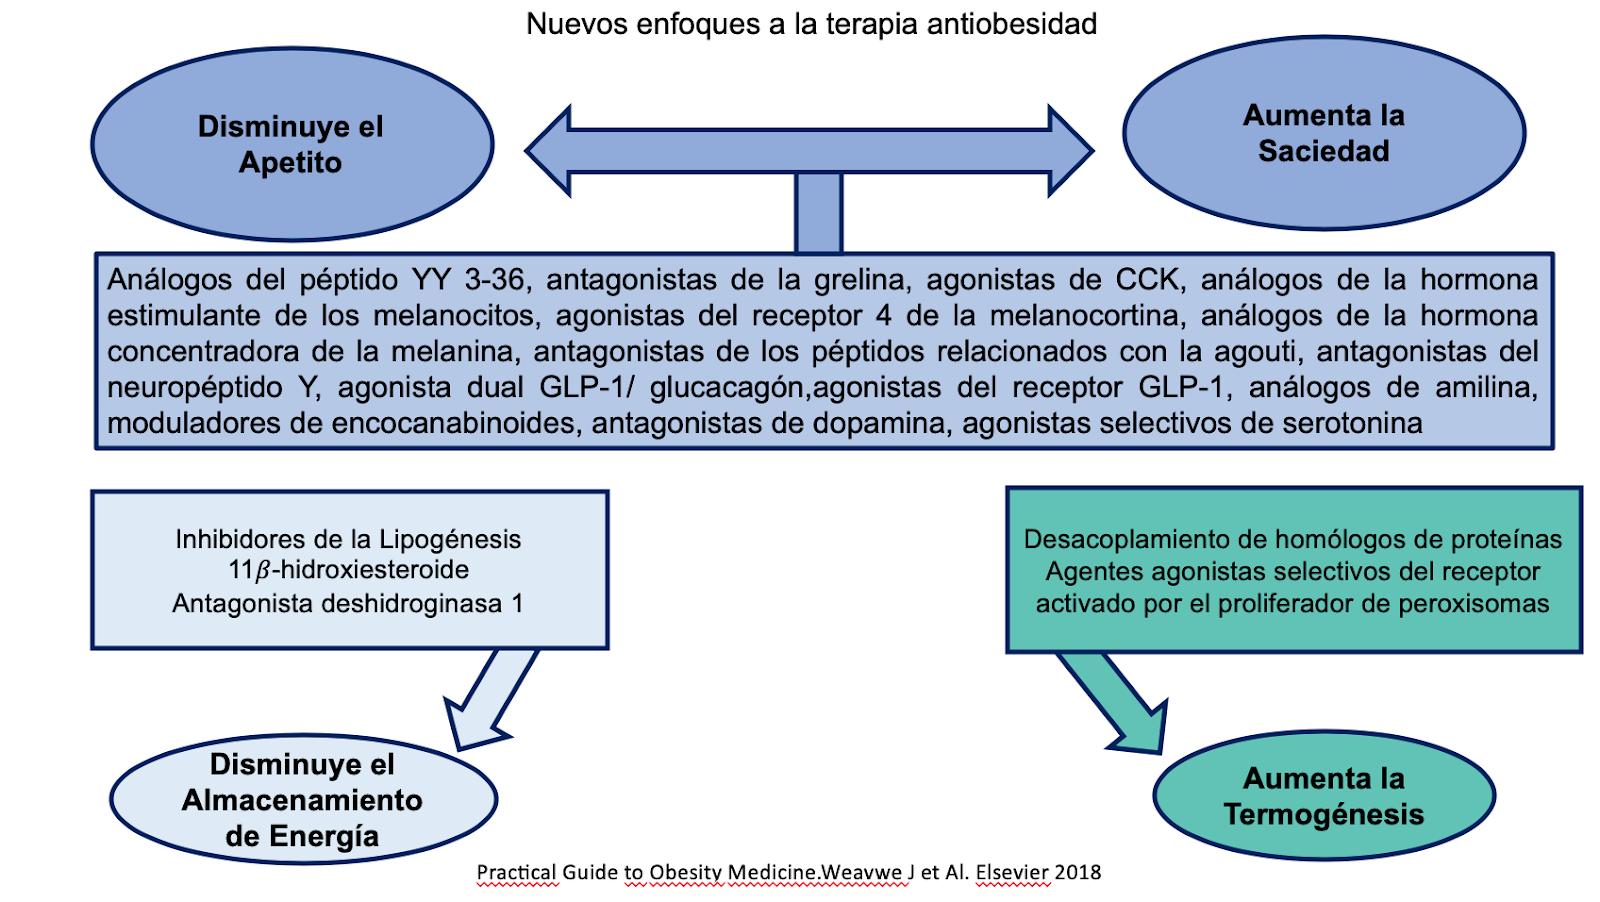 Nuevos Enfoques a la Terapia Antiobesidad